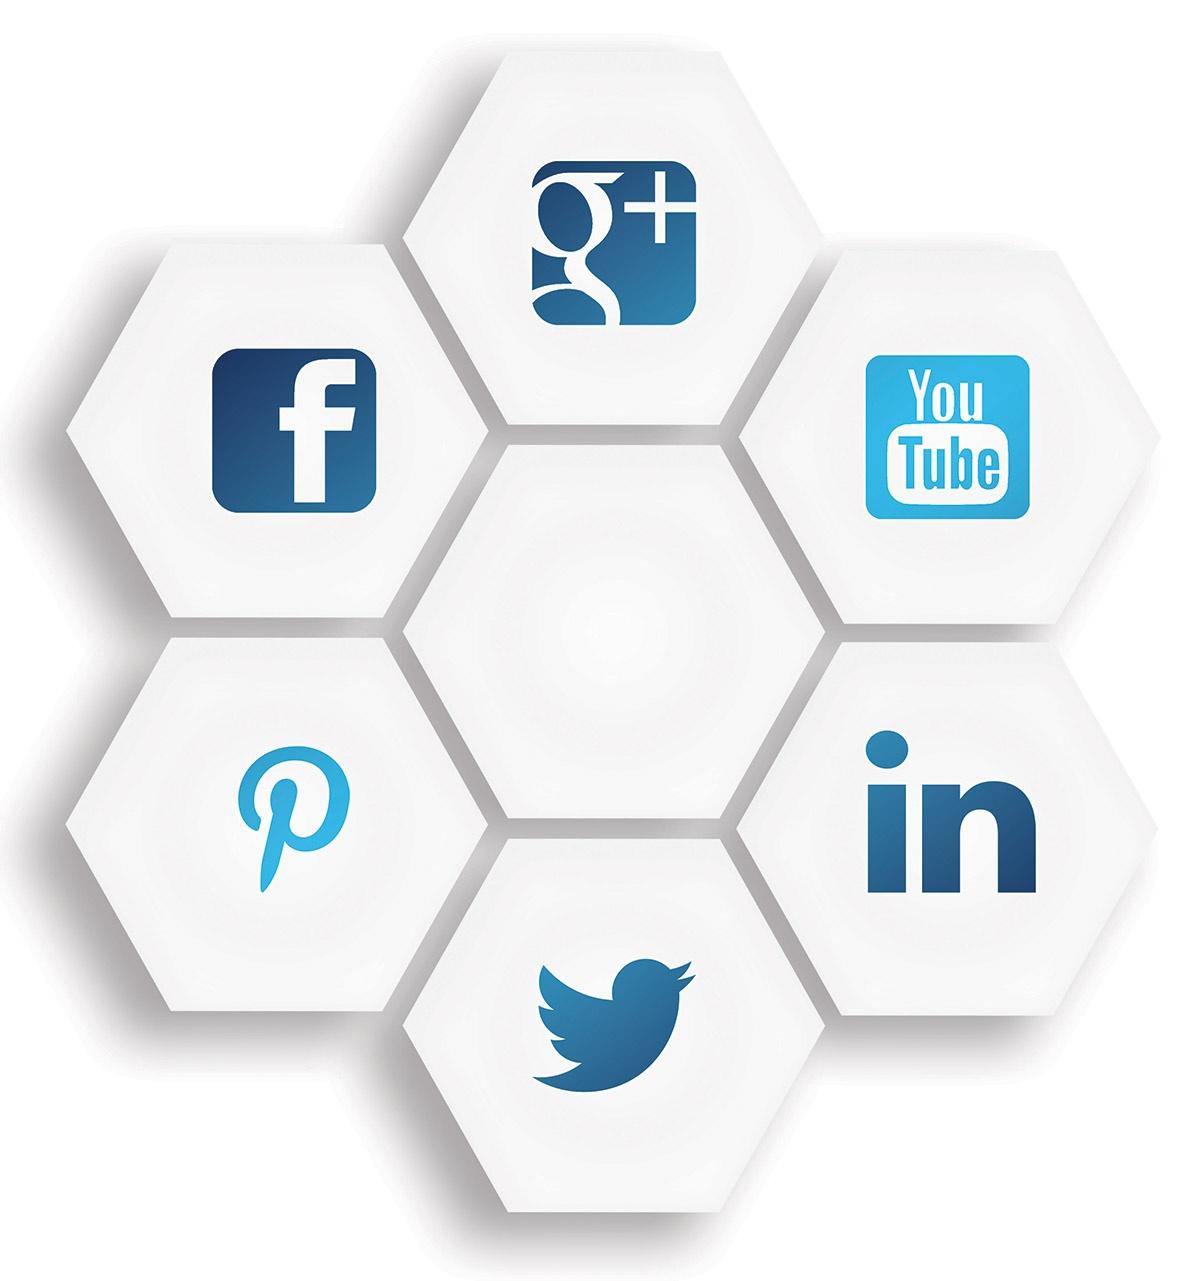 házasságkészítés és közösségi hálózatok létrehozása